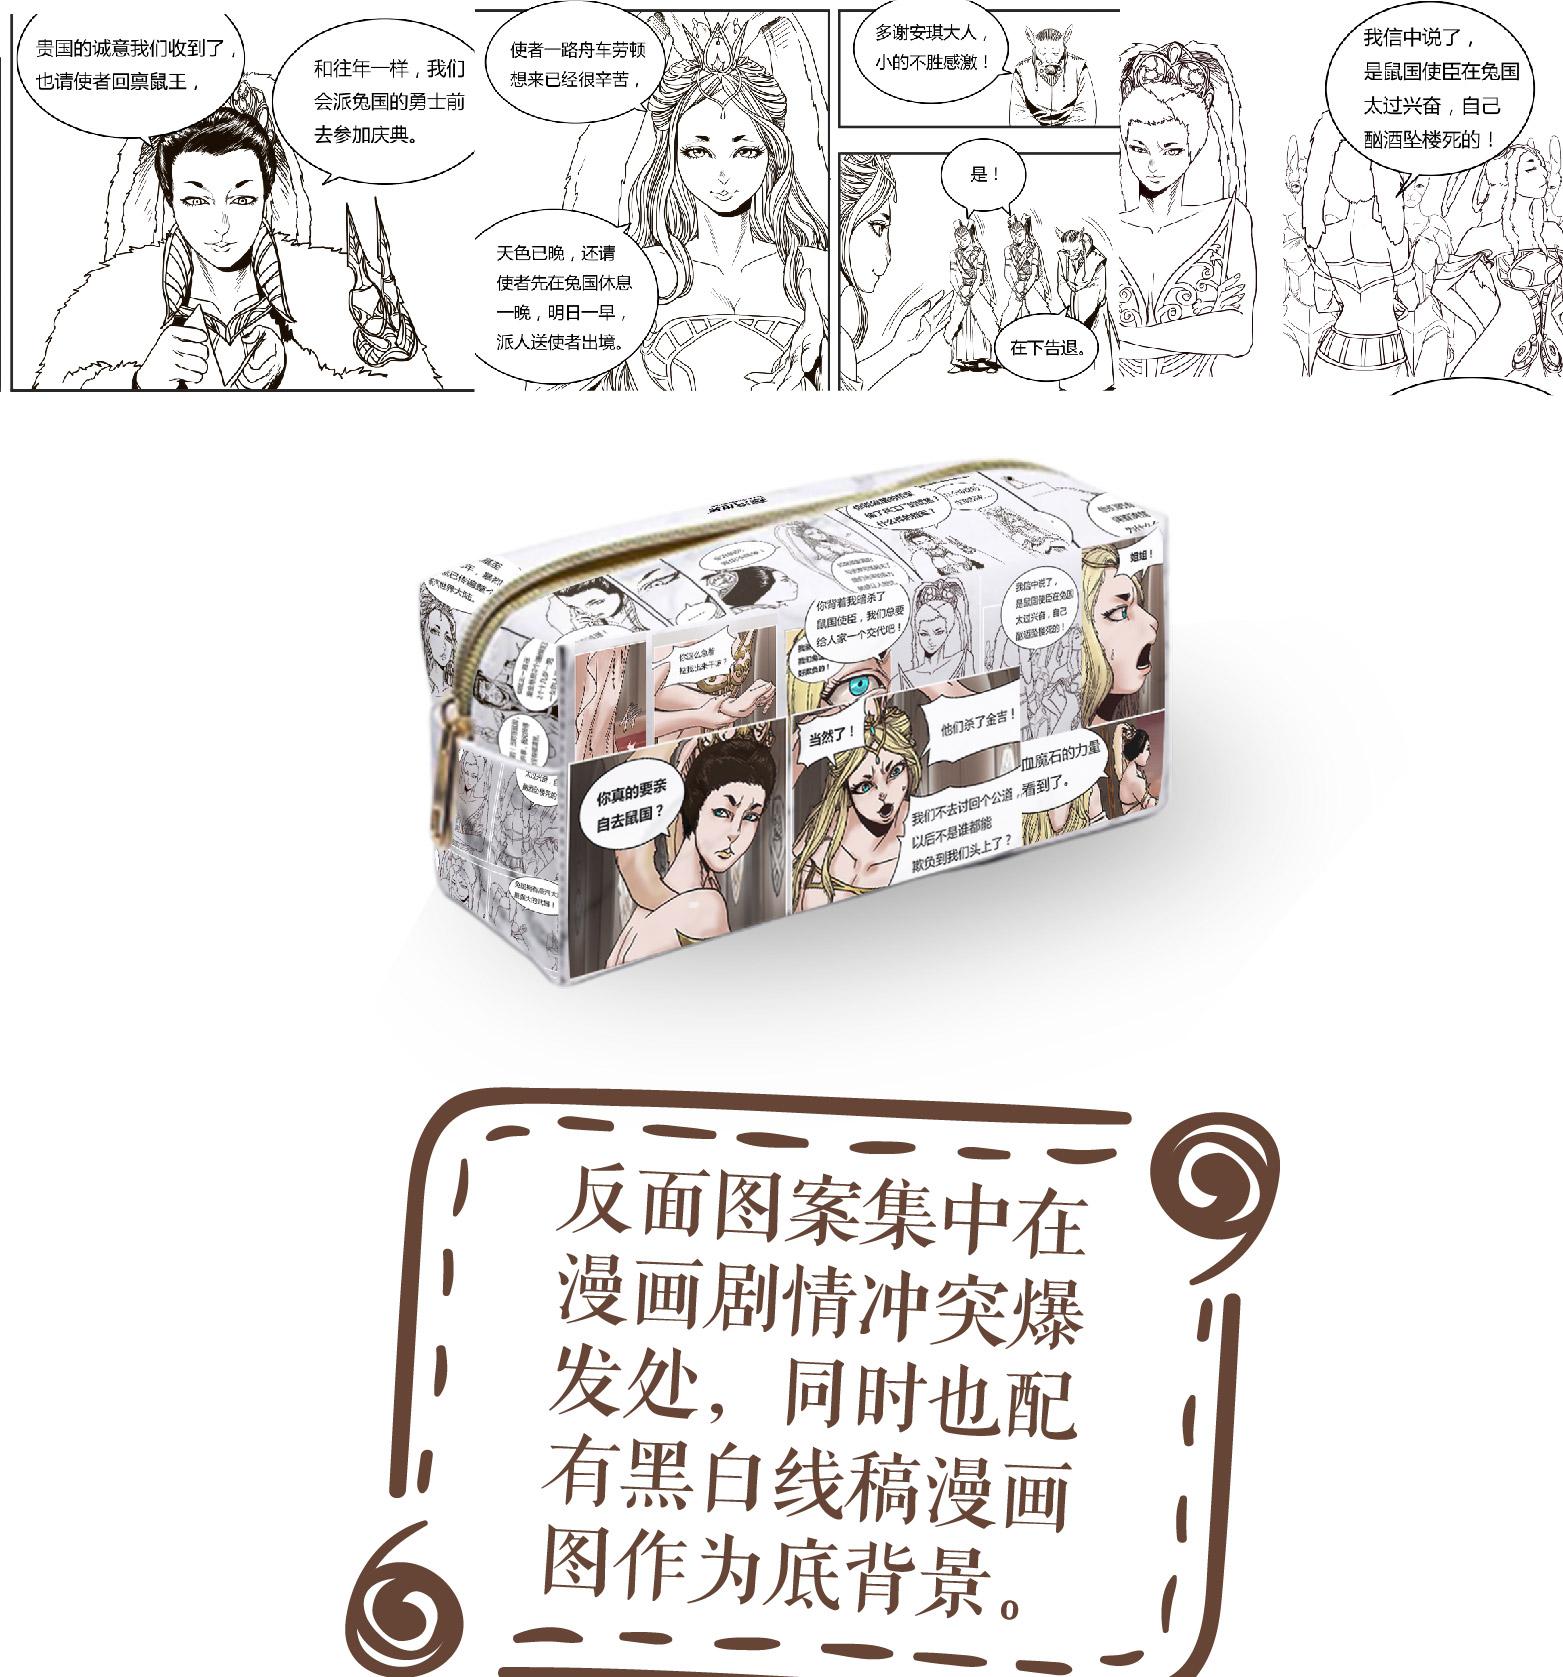 产品介绍-化妆包-04.jpg